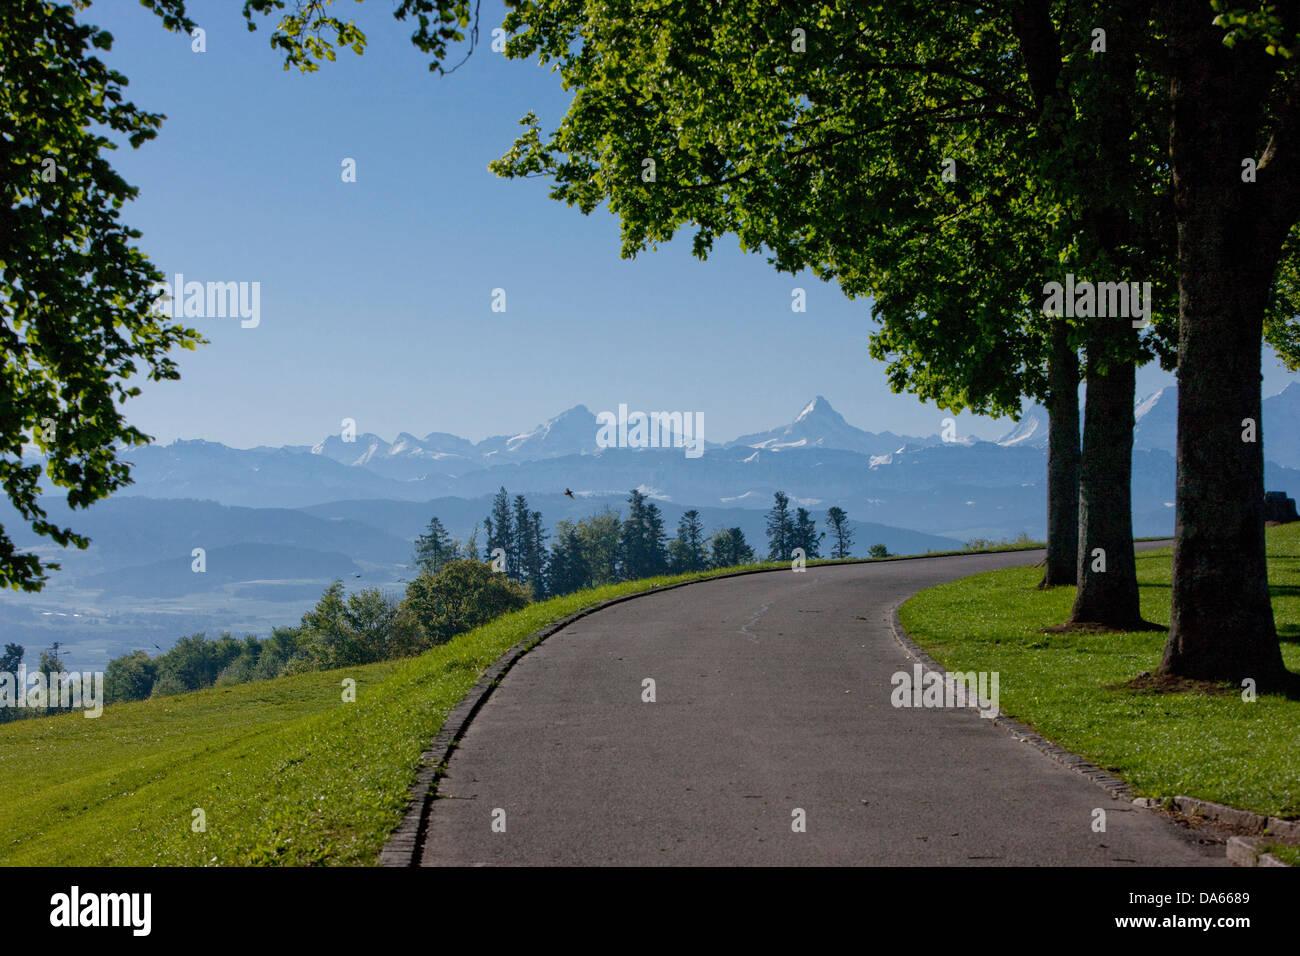 Gurten, Oberland, Alpes, montagne, montagnes, canton, Berne, paysage, paysage, l'agriculture, le trafic de rue, Photo Stock